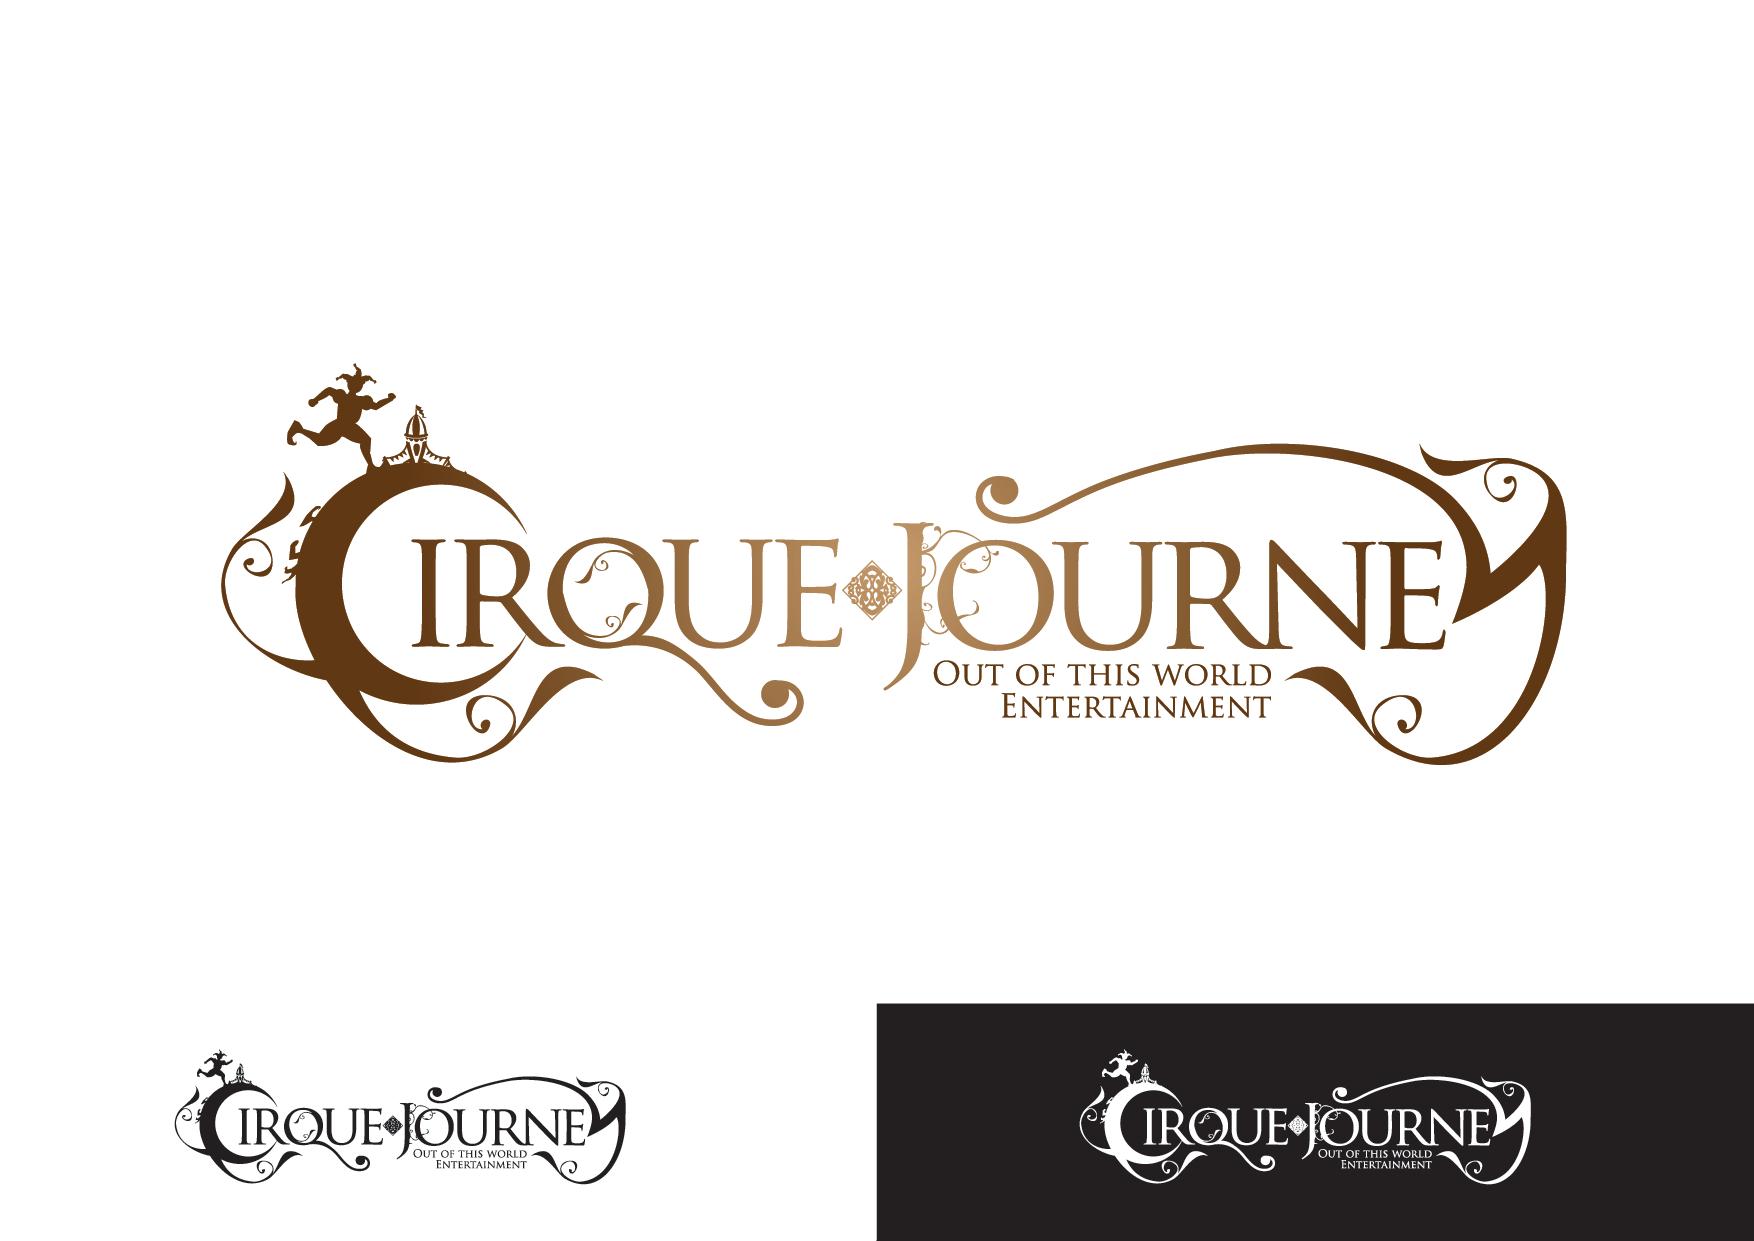 logo for Cirque Journey